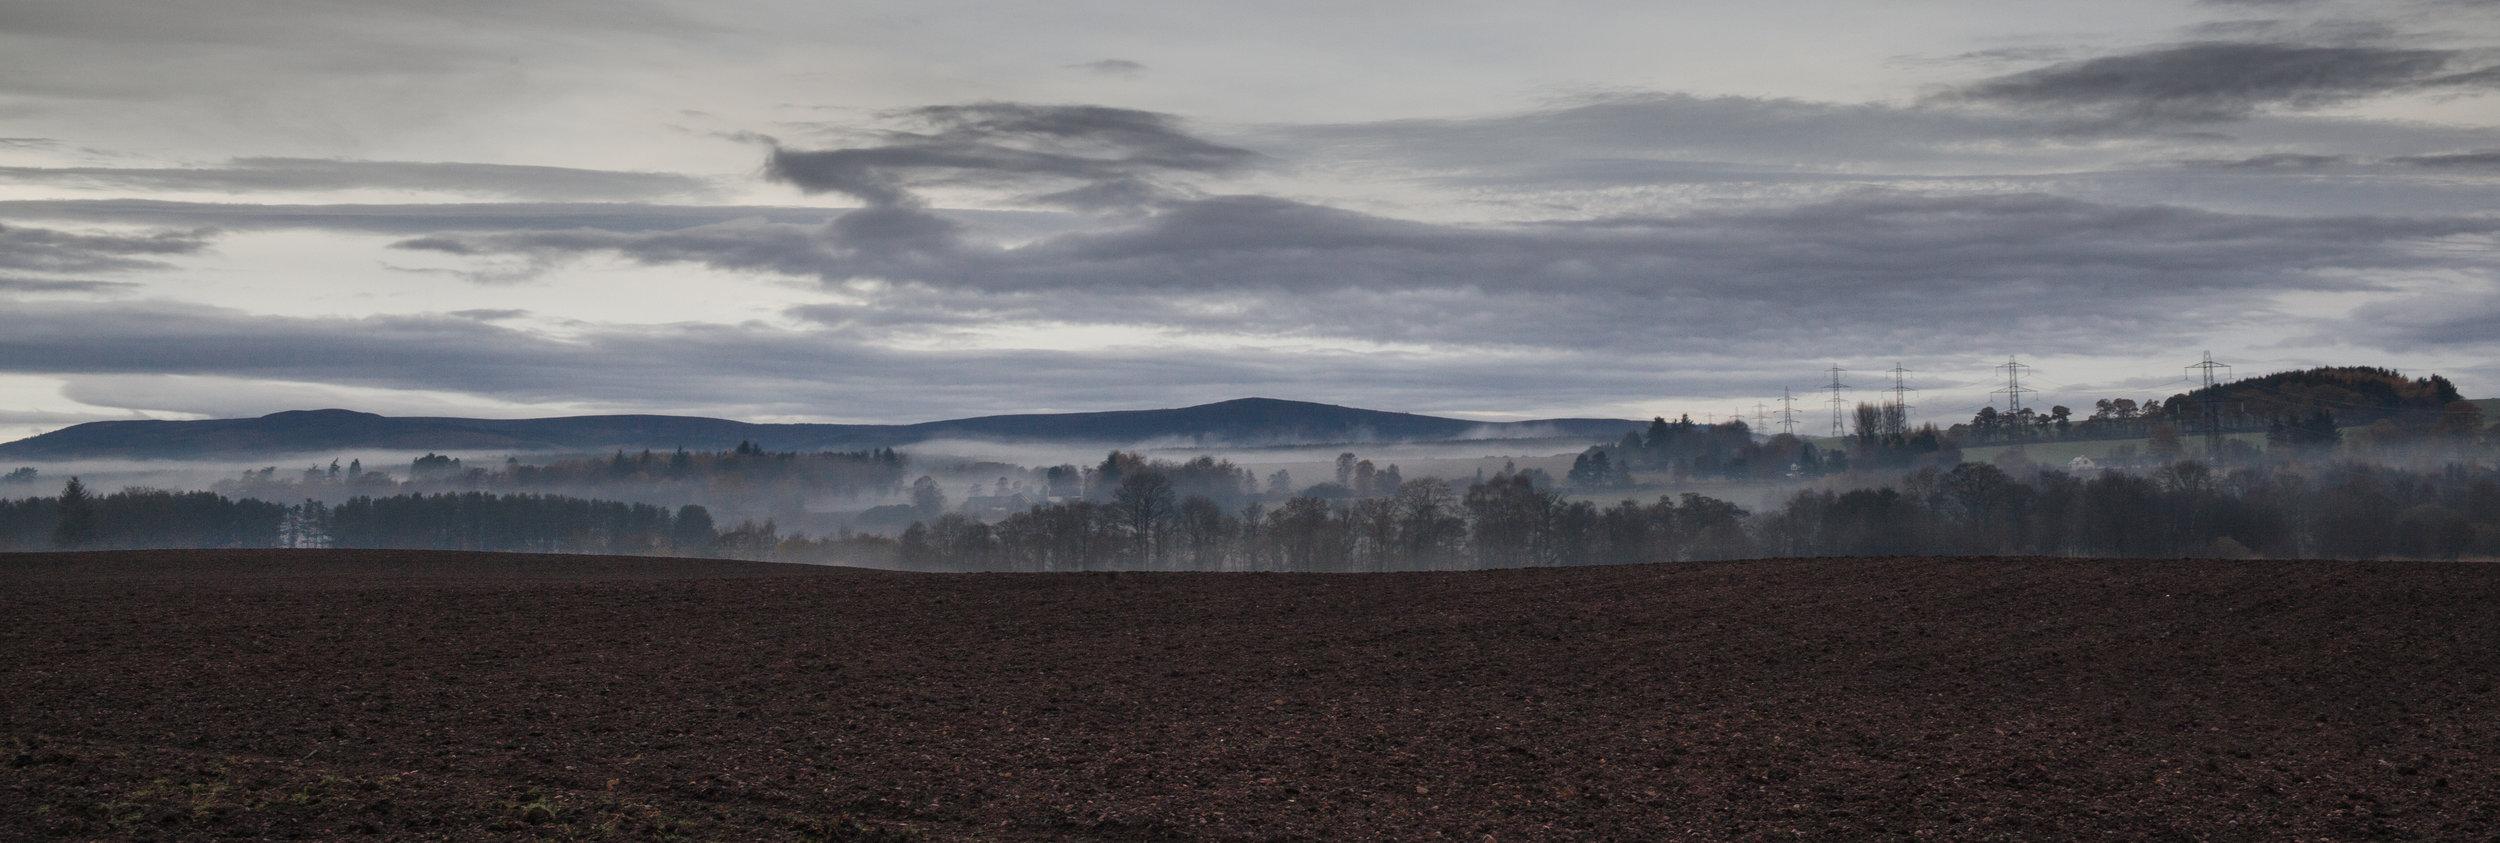 landscape (1 of 1).jpg